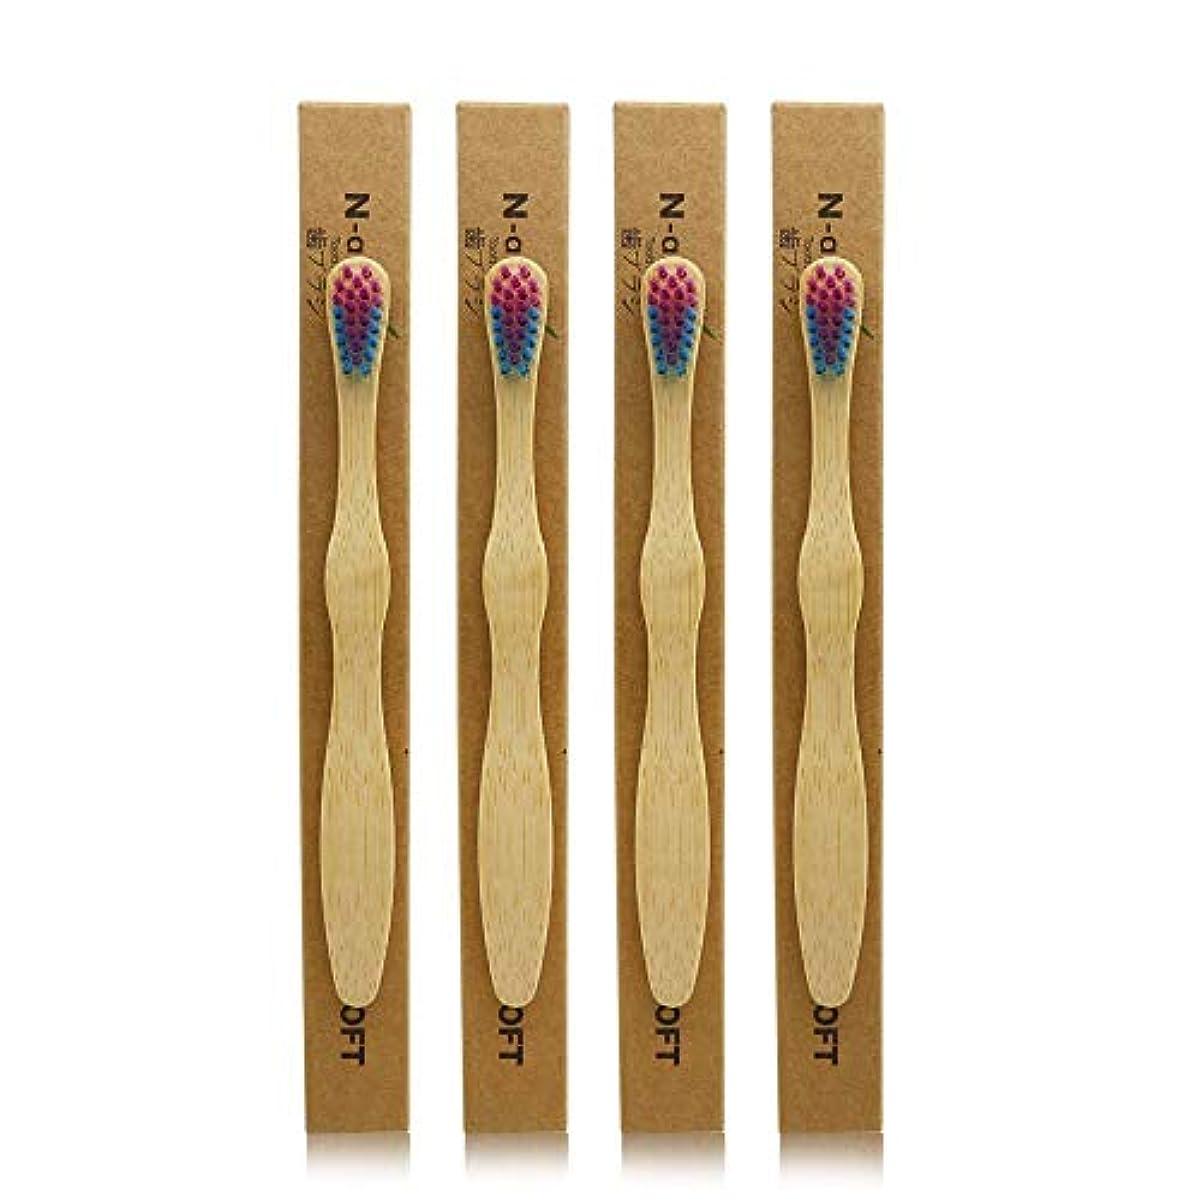 ファンタジー批判的不承認N-amboo 竹製耐久度高い 子供 歯ブラシ エコ 4本入り セット むらさきいろ